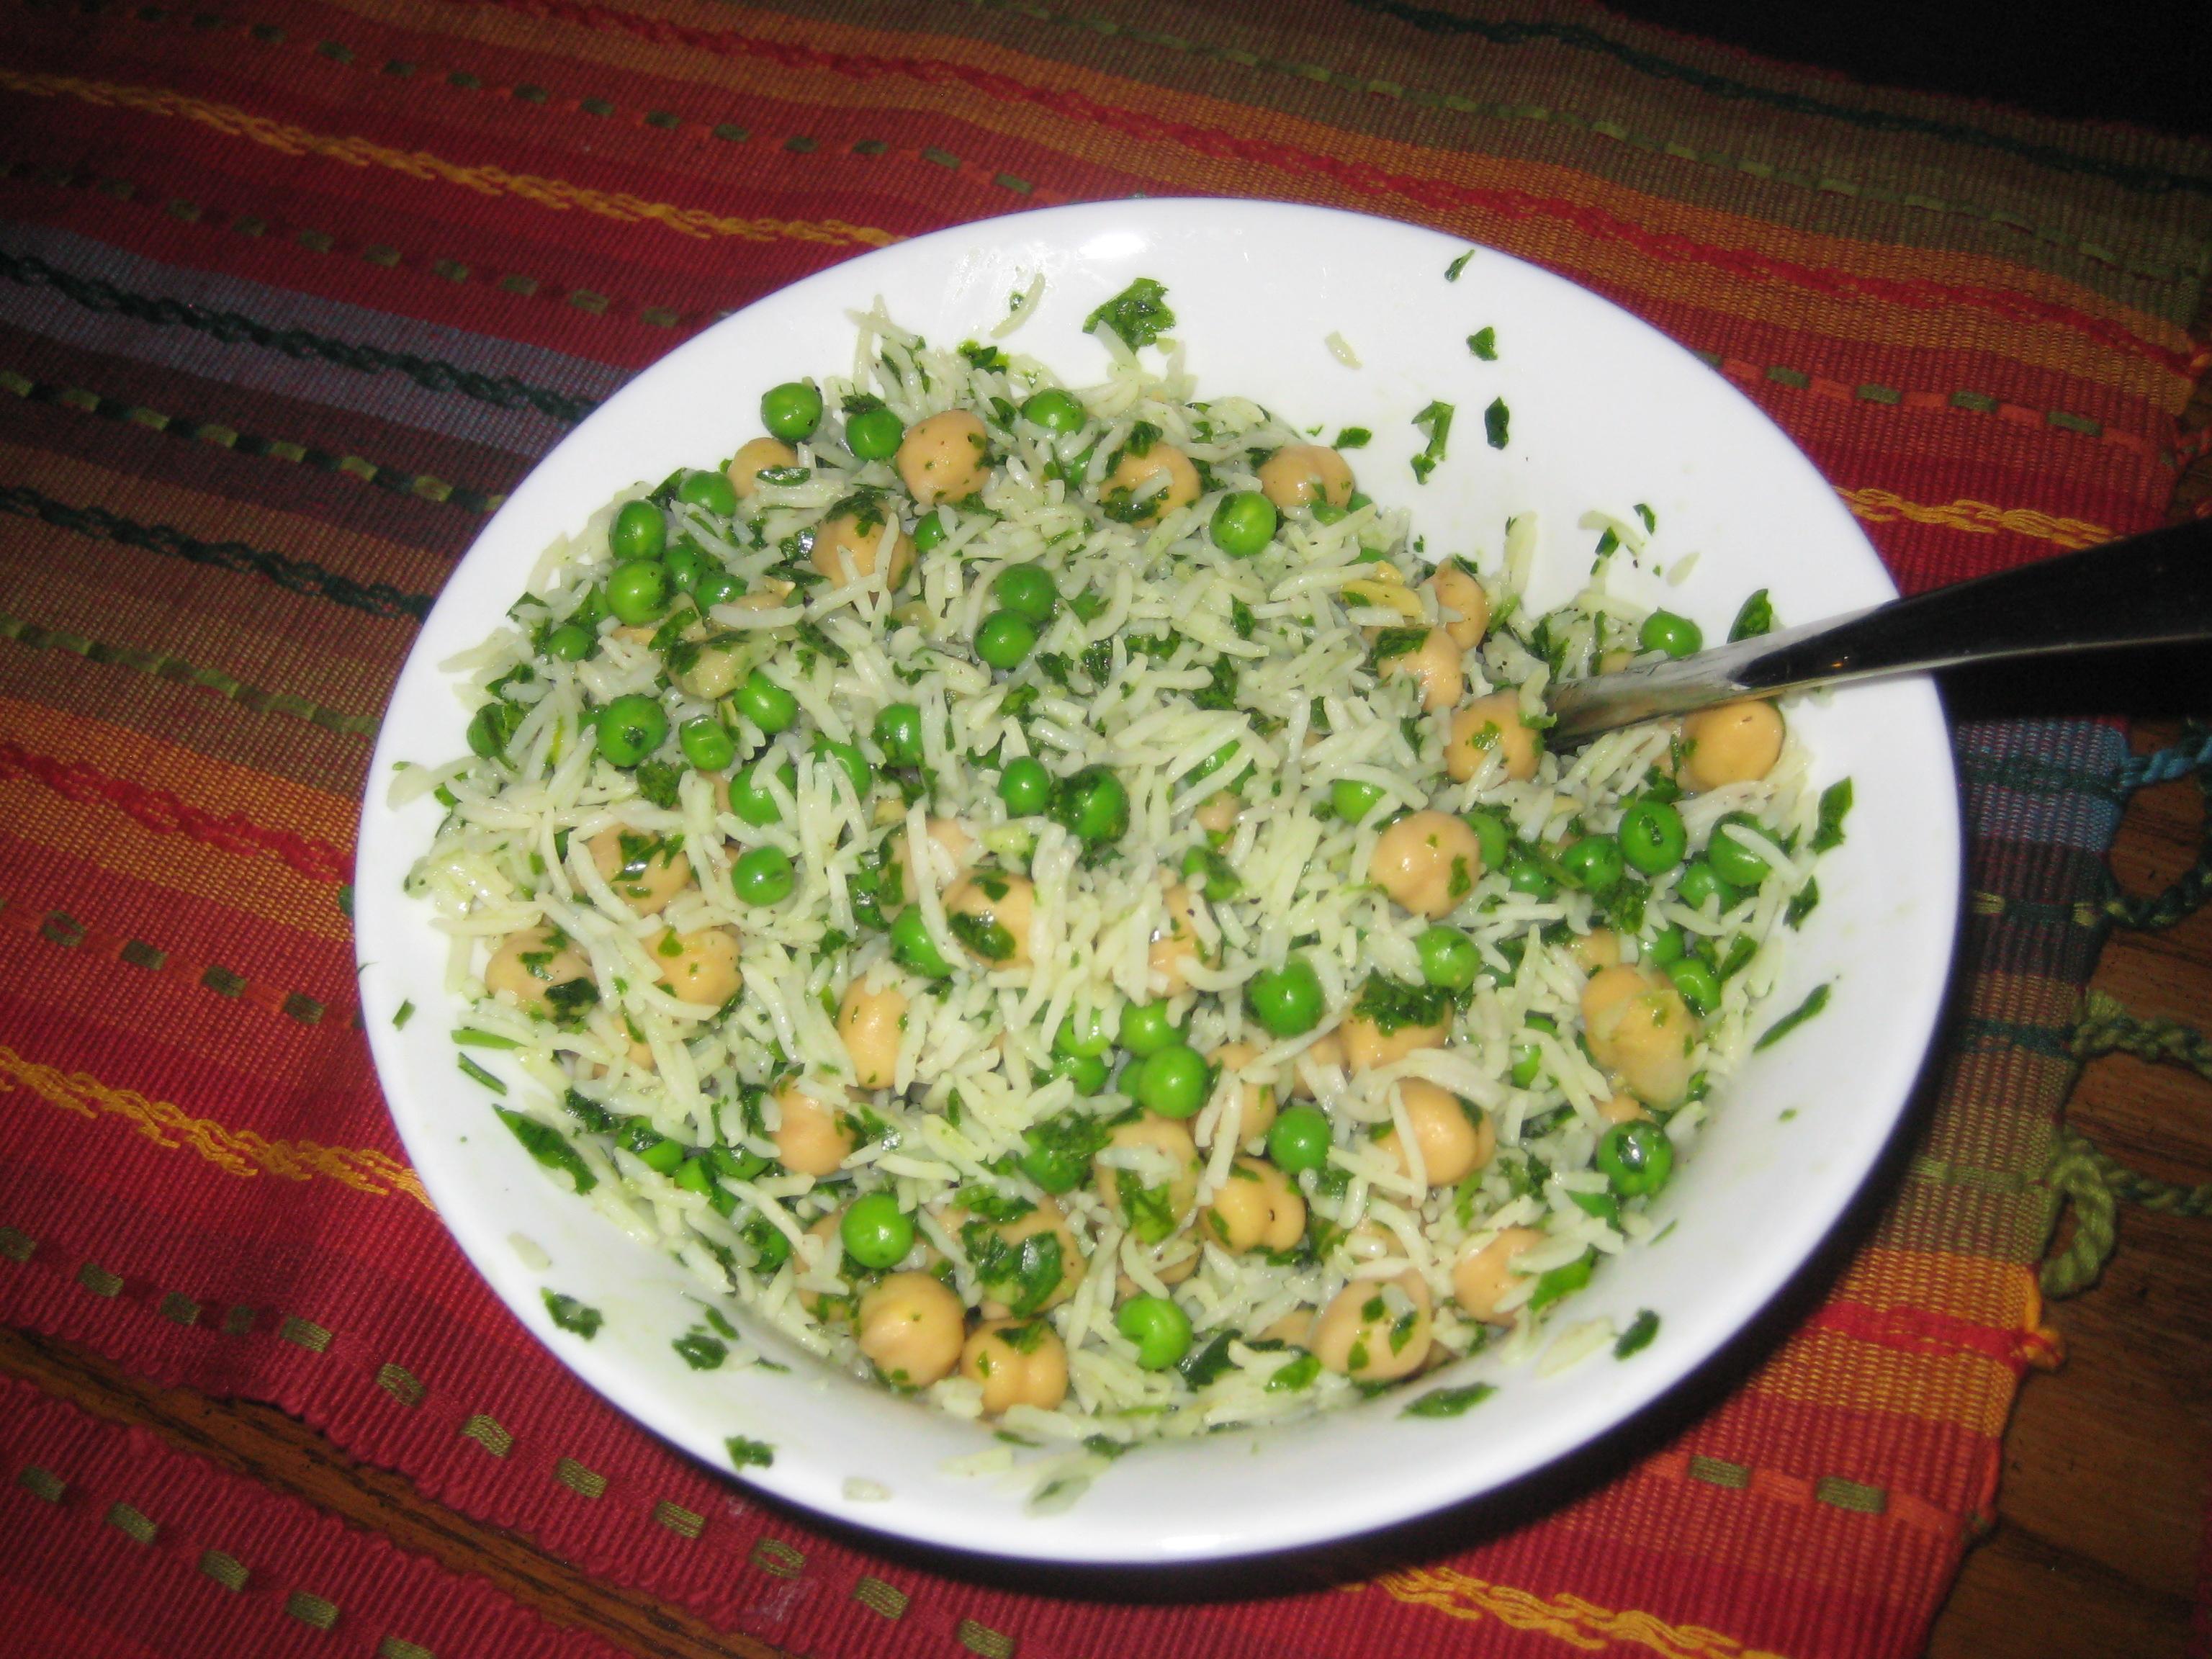 Spinach Pesto On Rice Recipes — Dishmaps